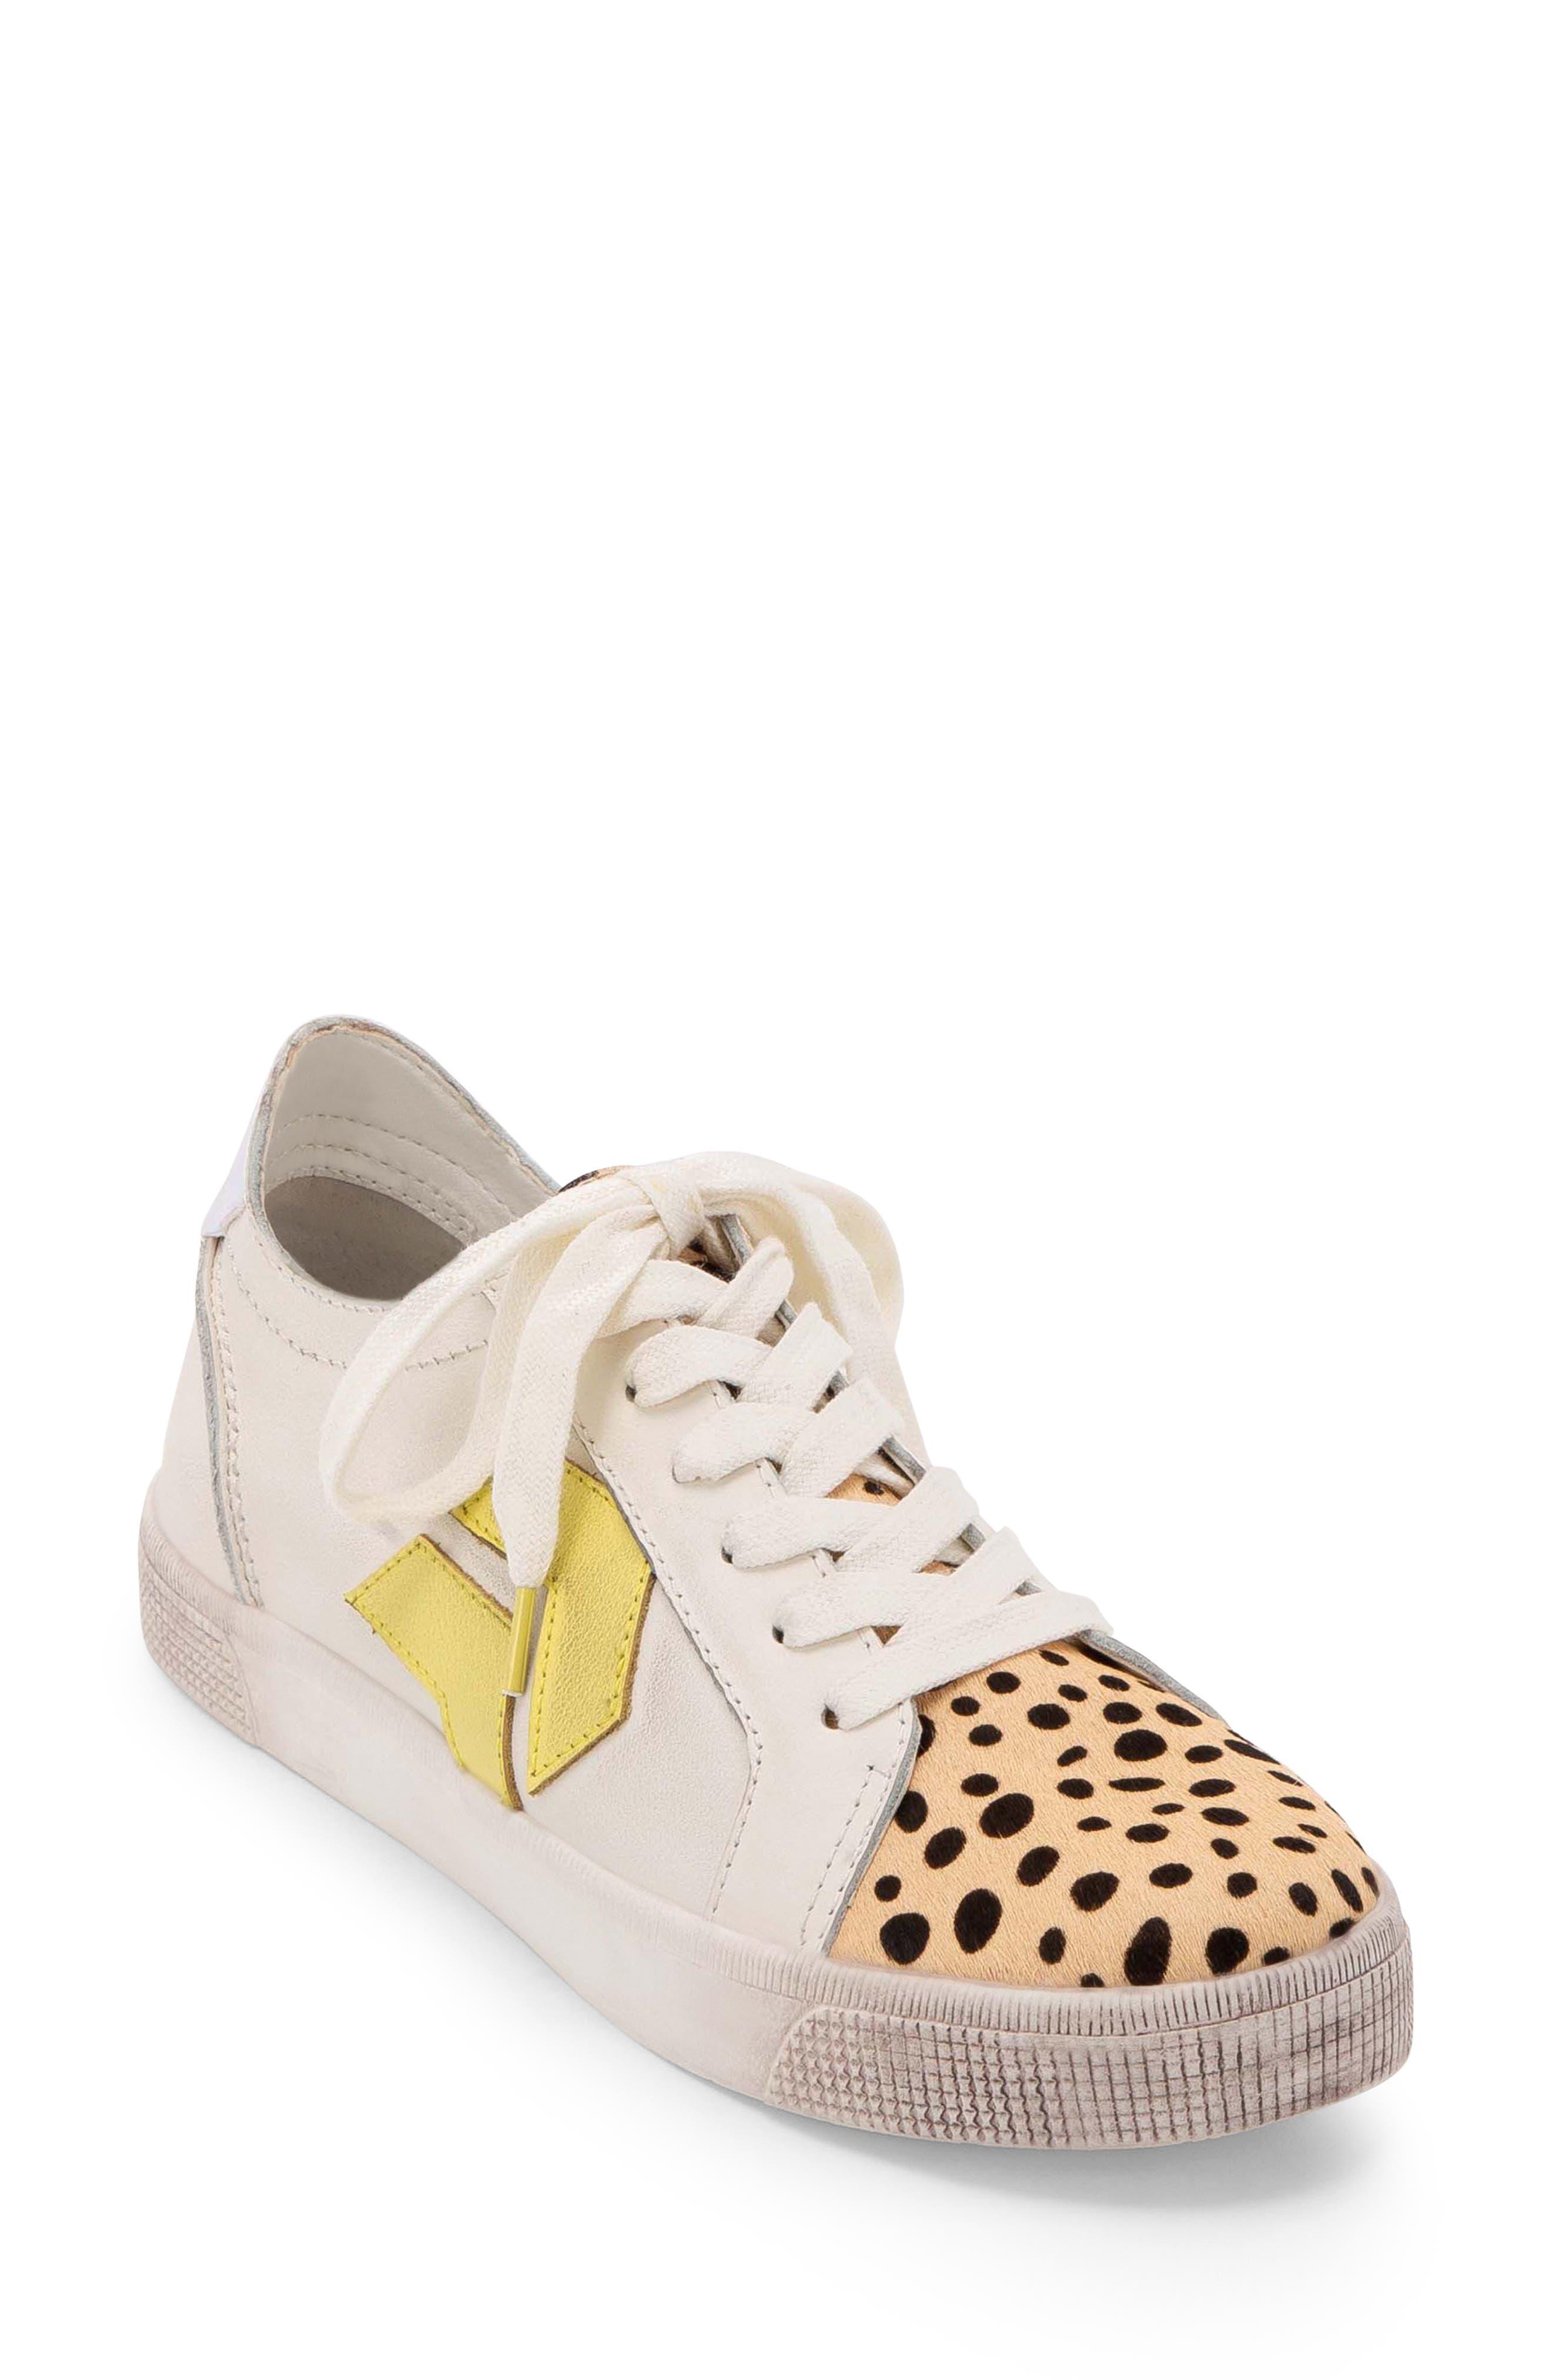 Dolce Vita Sneakers Zaga Genuine Calf Hair Sneaker